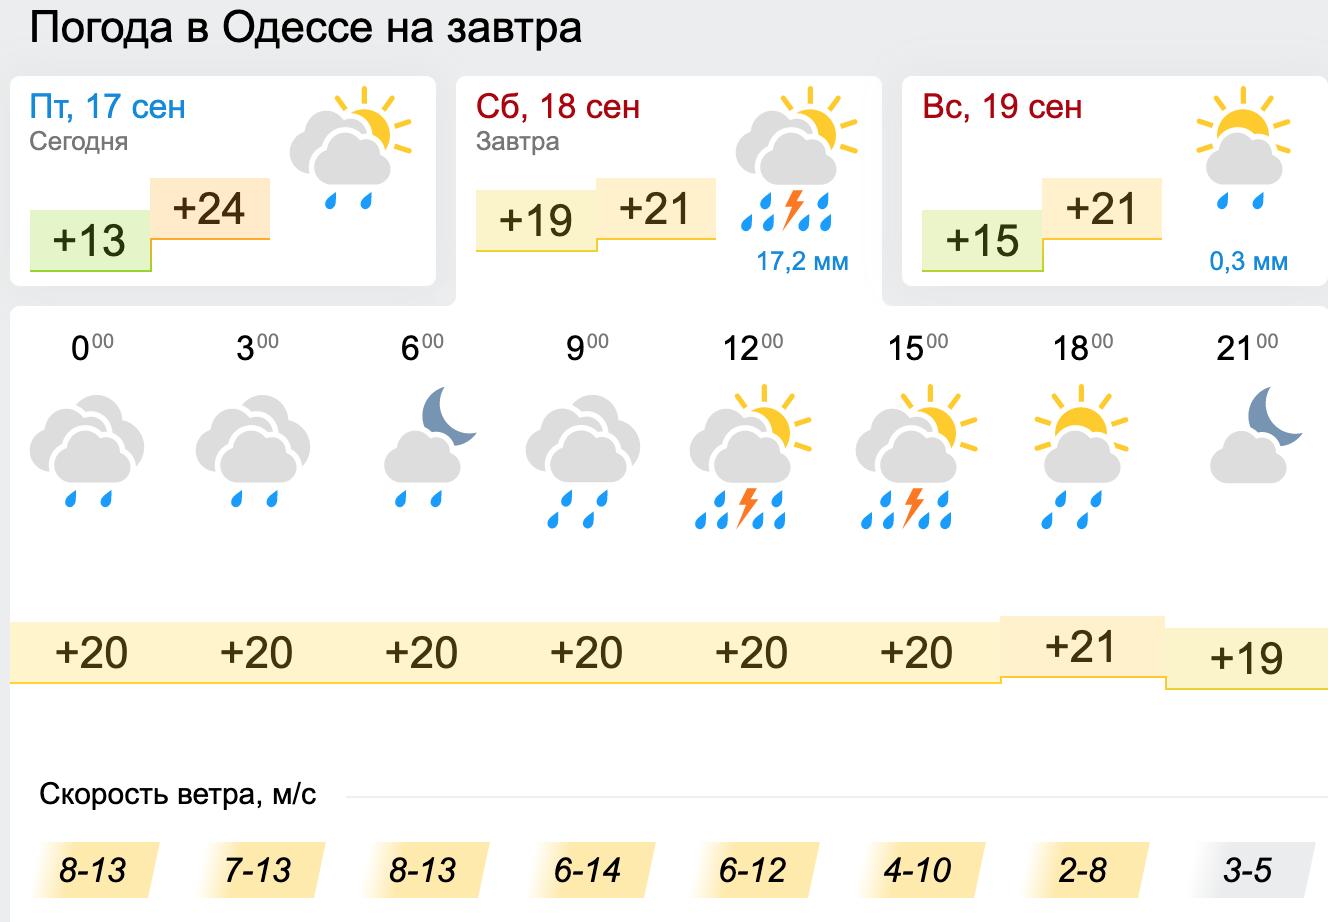 Погода в Одесе. Карта: Gismeteo